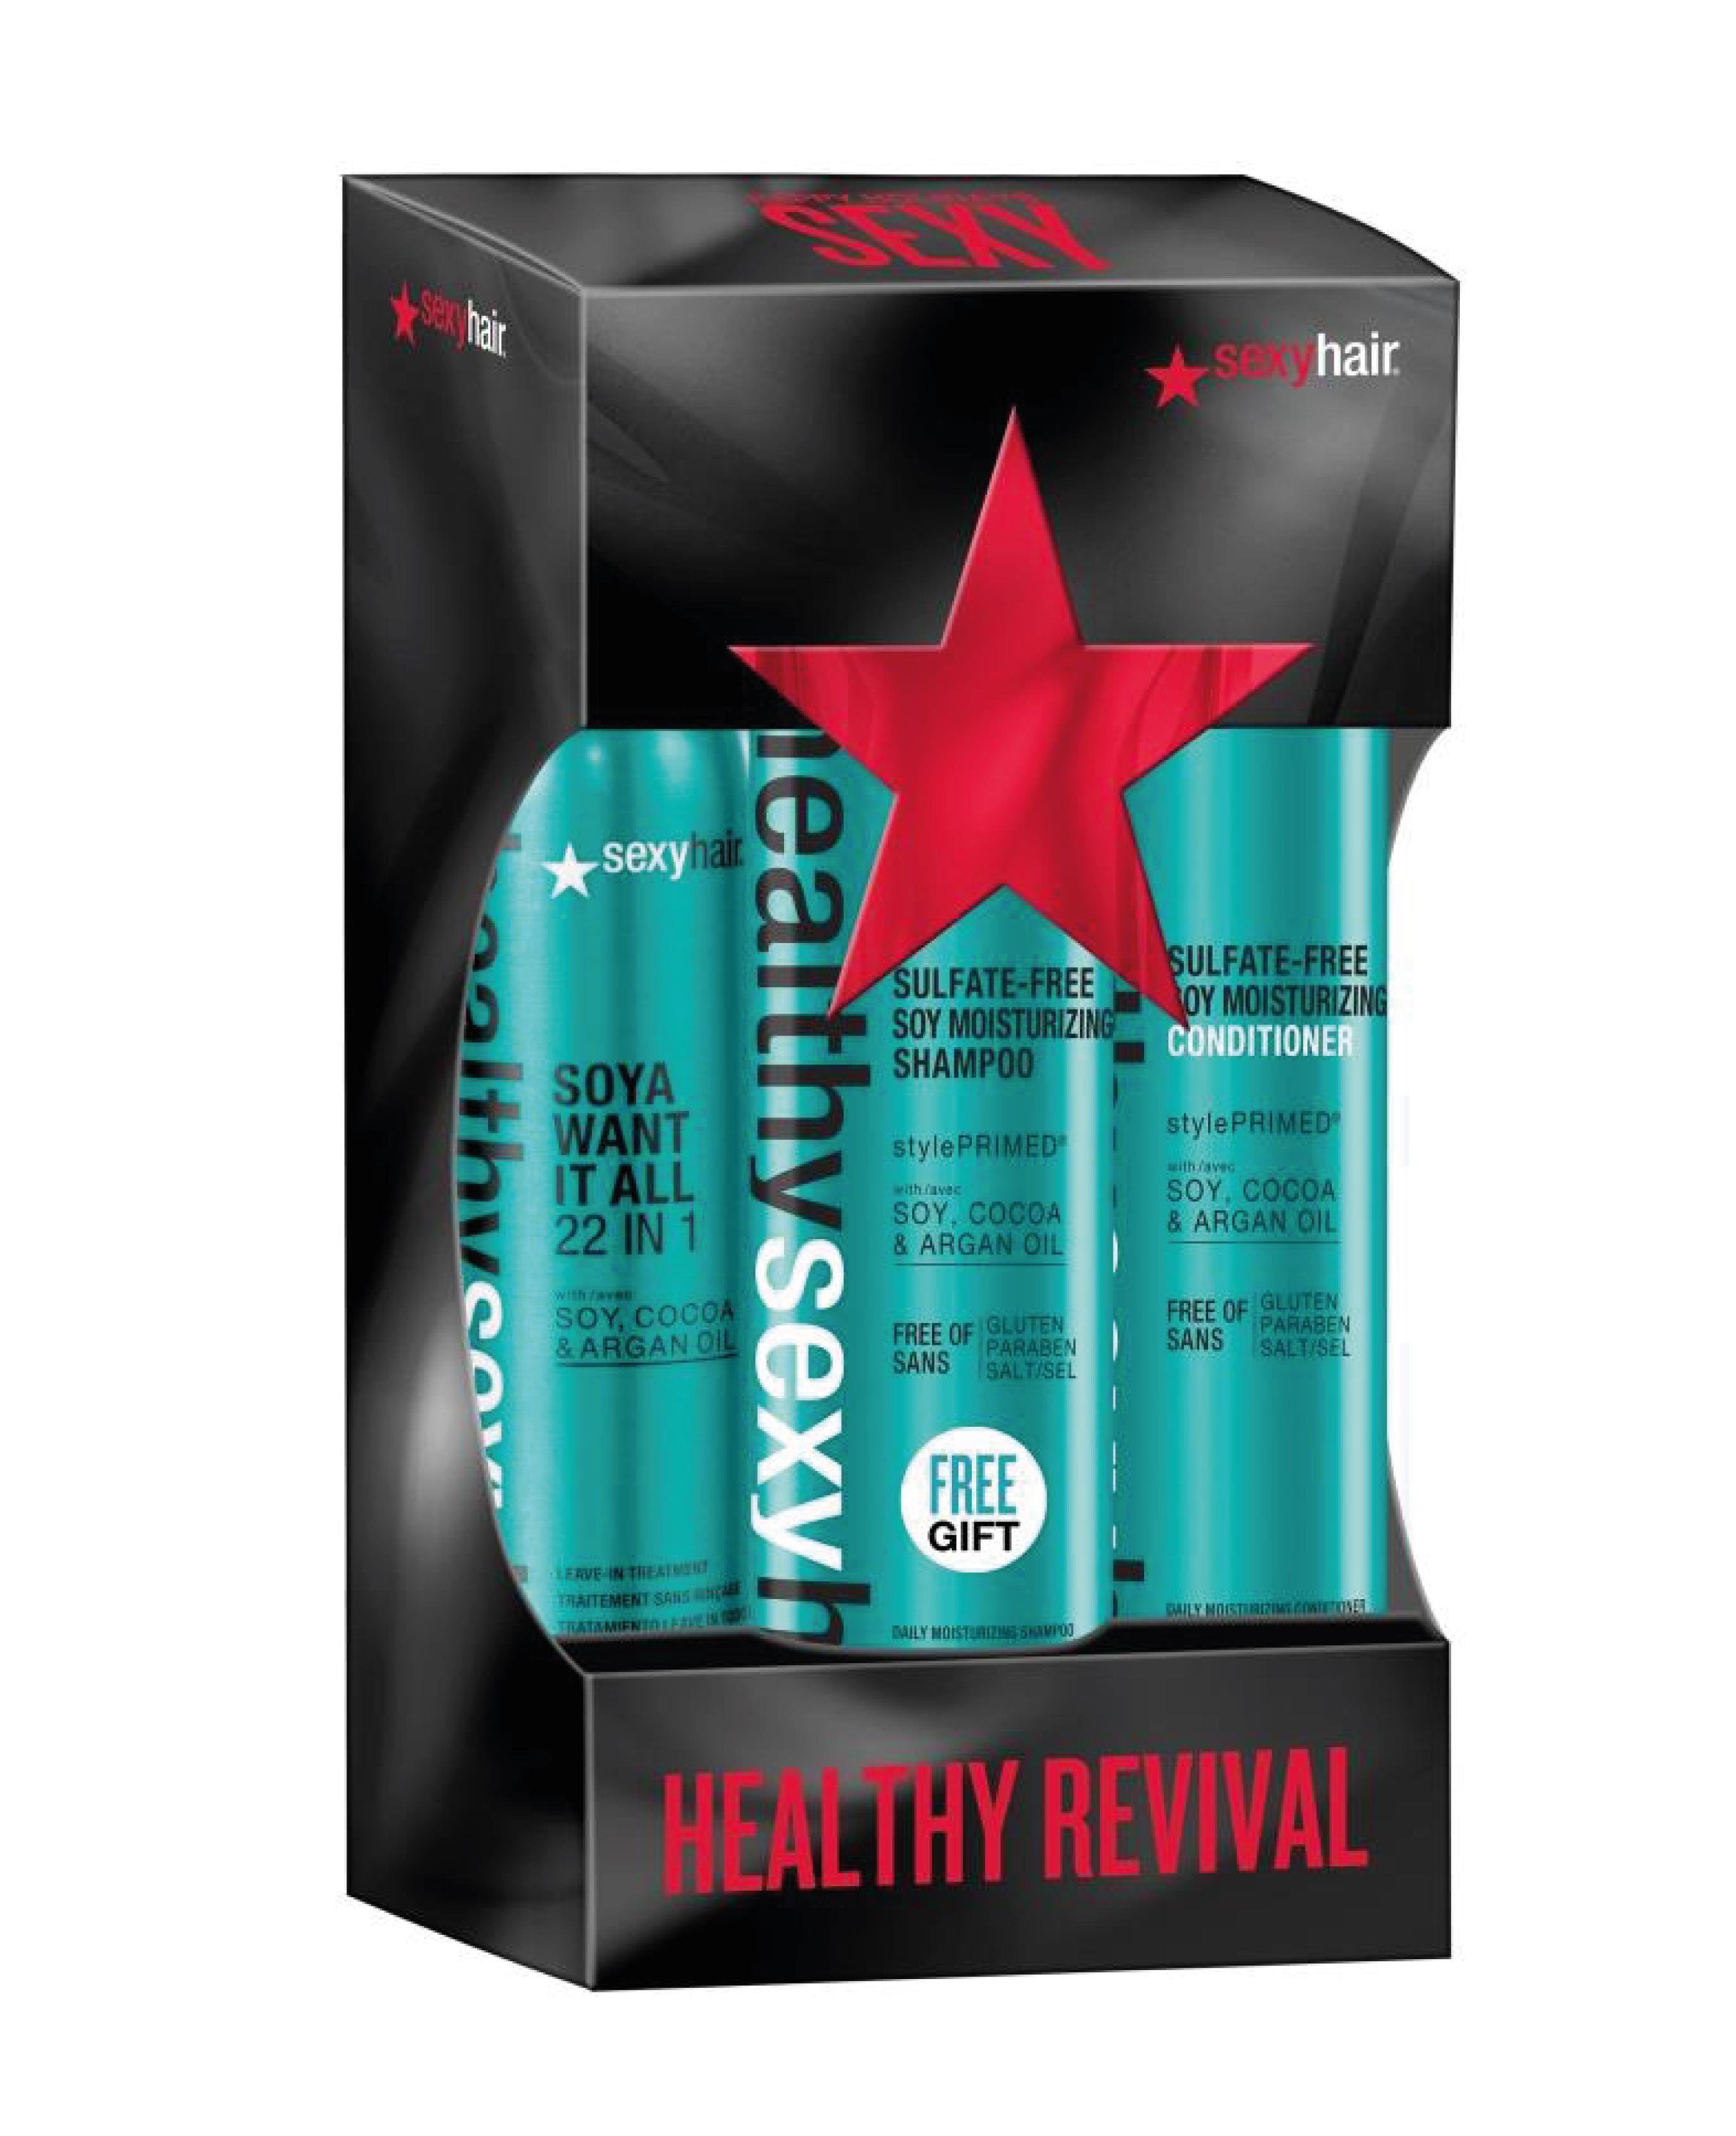 SEXY HAIR Набор Спрей-уход 22 в 1, кондиционер и шампунь на соевом молоке для обычных и окрашенных волос (ЗД45 + ЗД13 + ЗД6) / HEALTHY